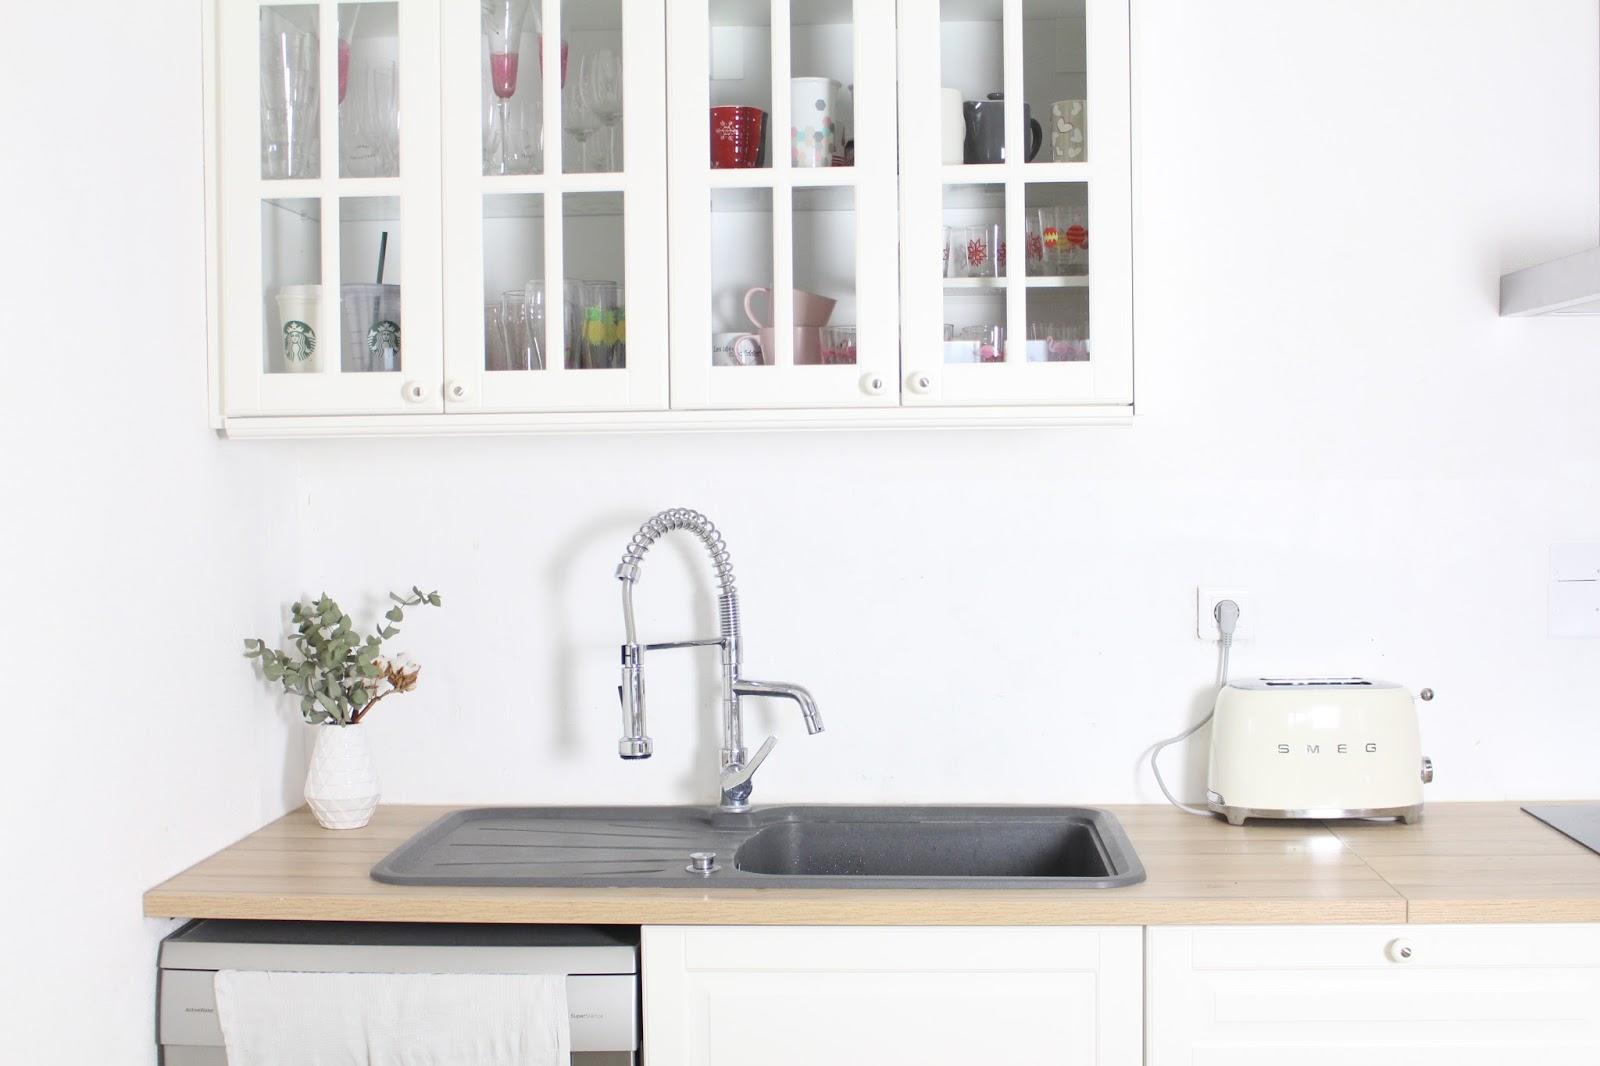 Meuble Cuisine Ikea Vide Sanitaire notre cuisine ikea, galère ou bonheur ? | les idées soaddict